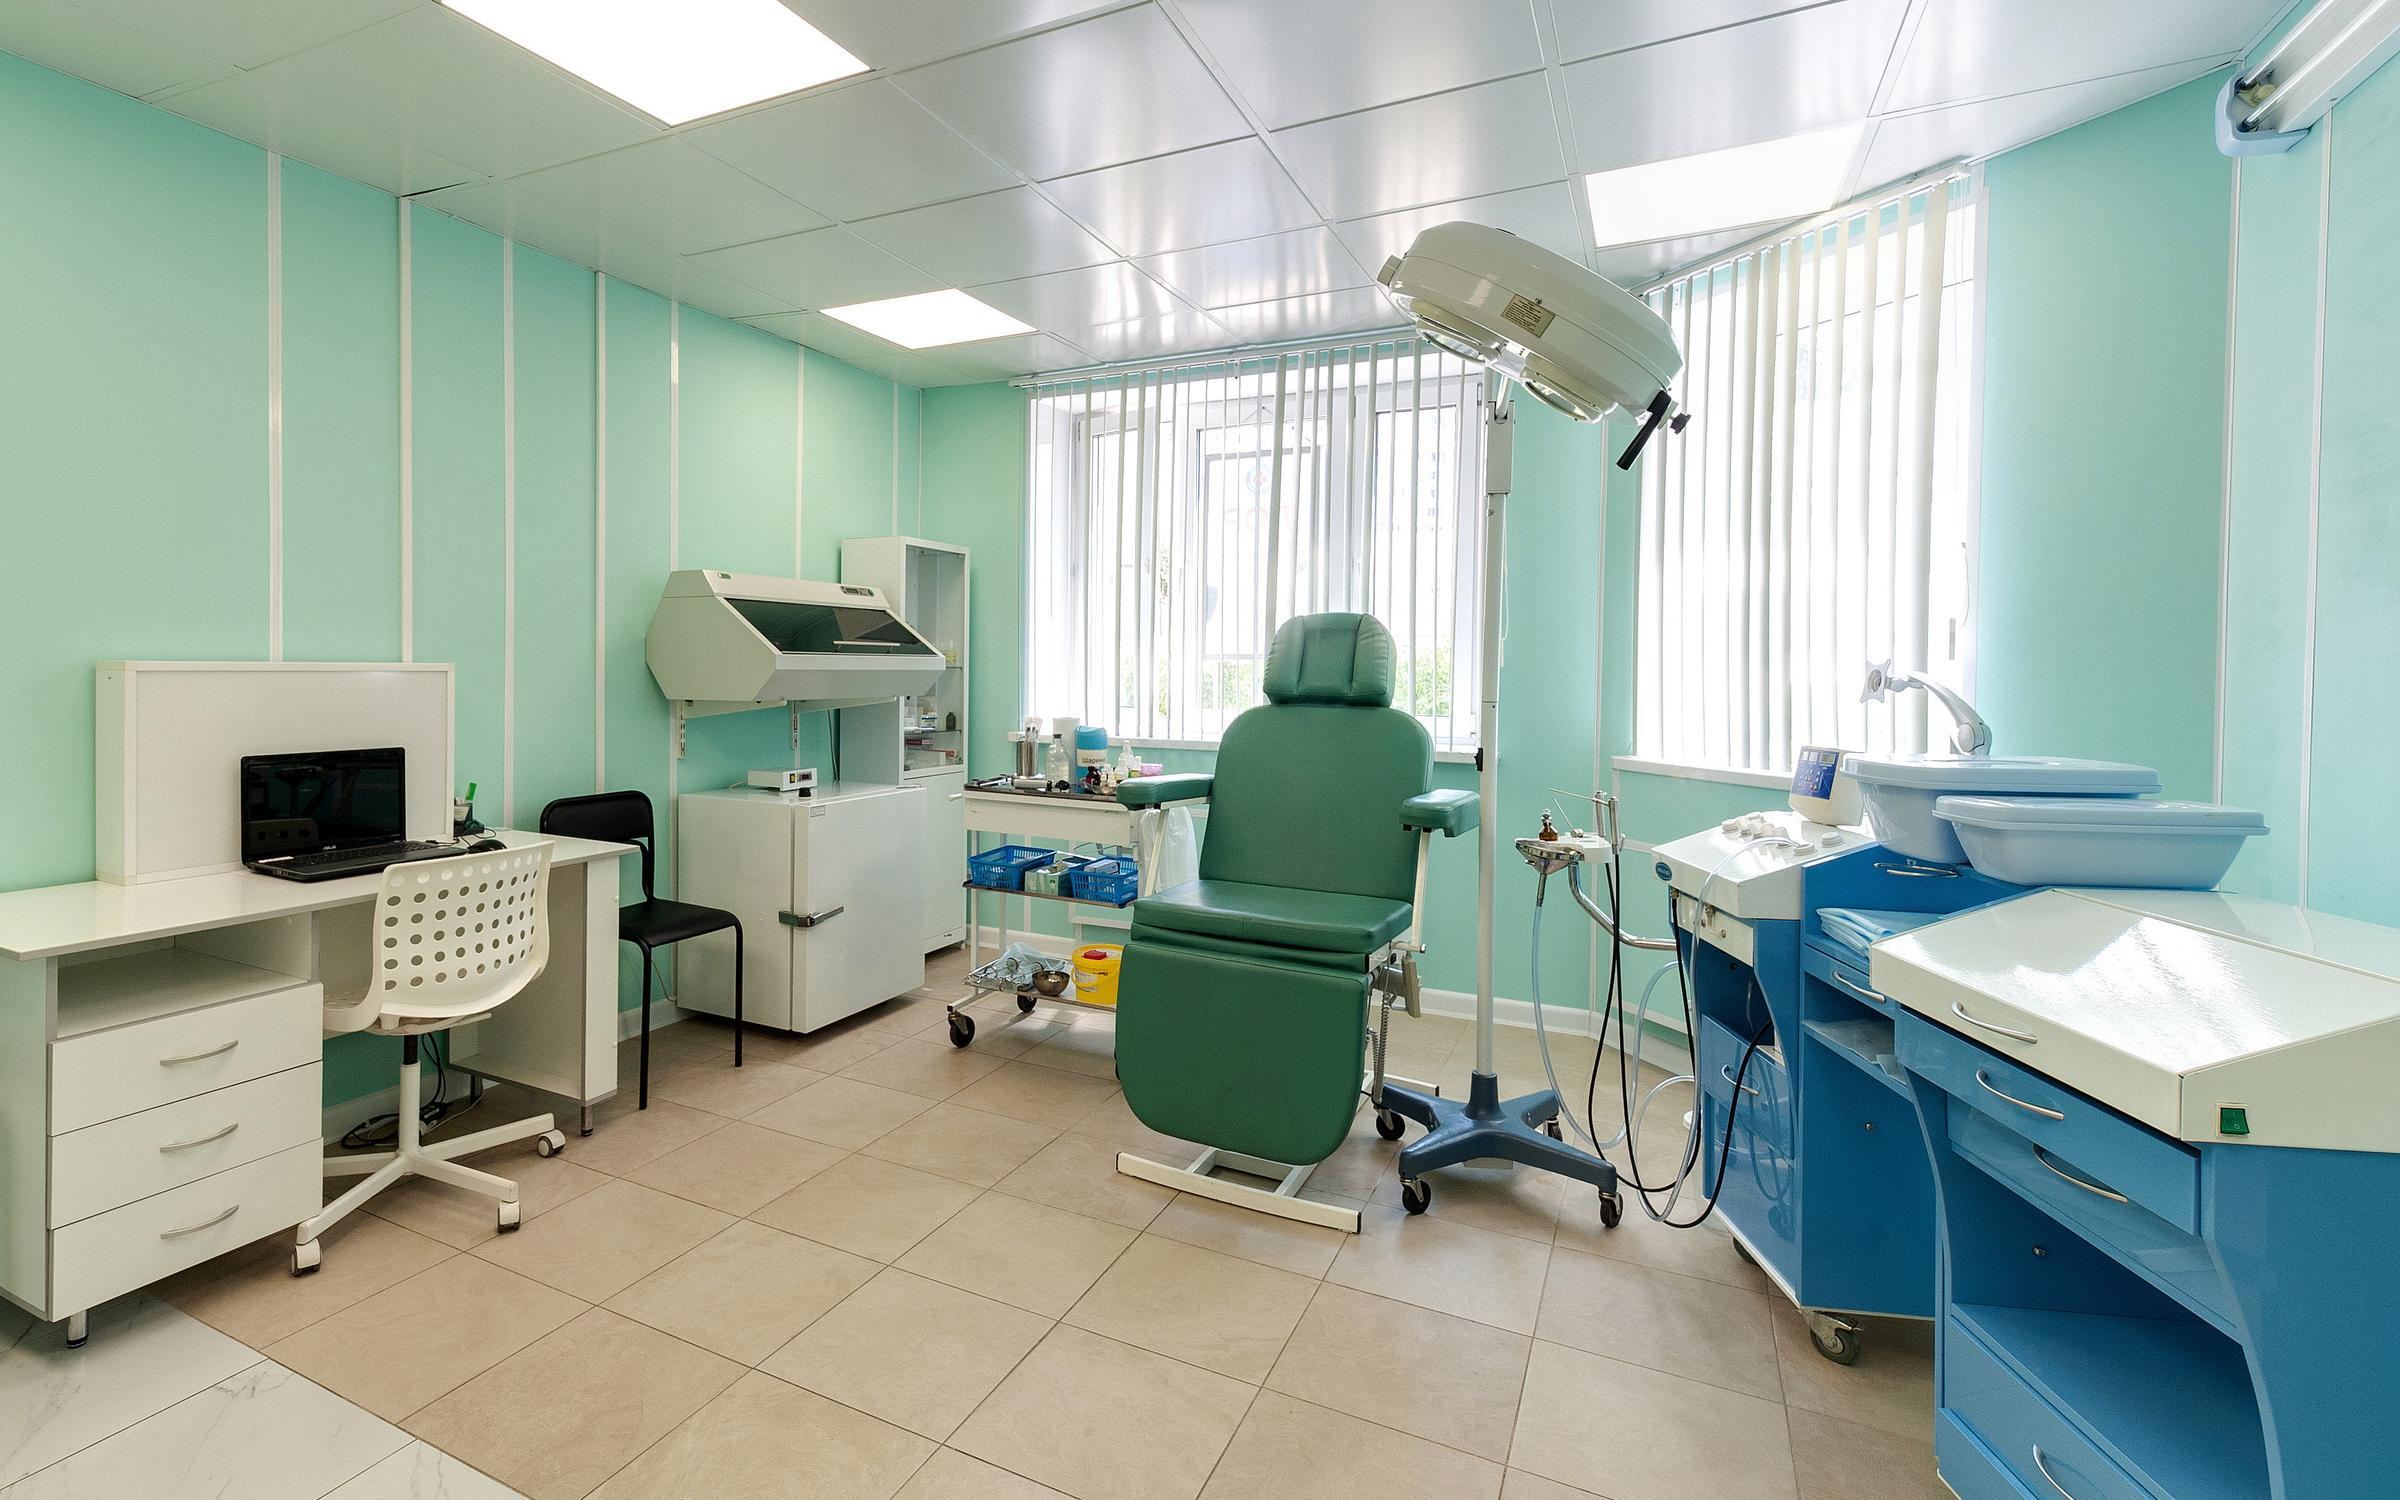 фотография Семейной клиники МедВитро, взрослое отделение